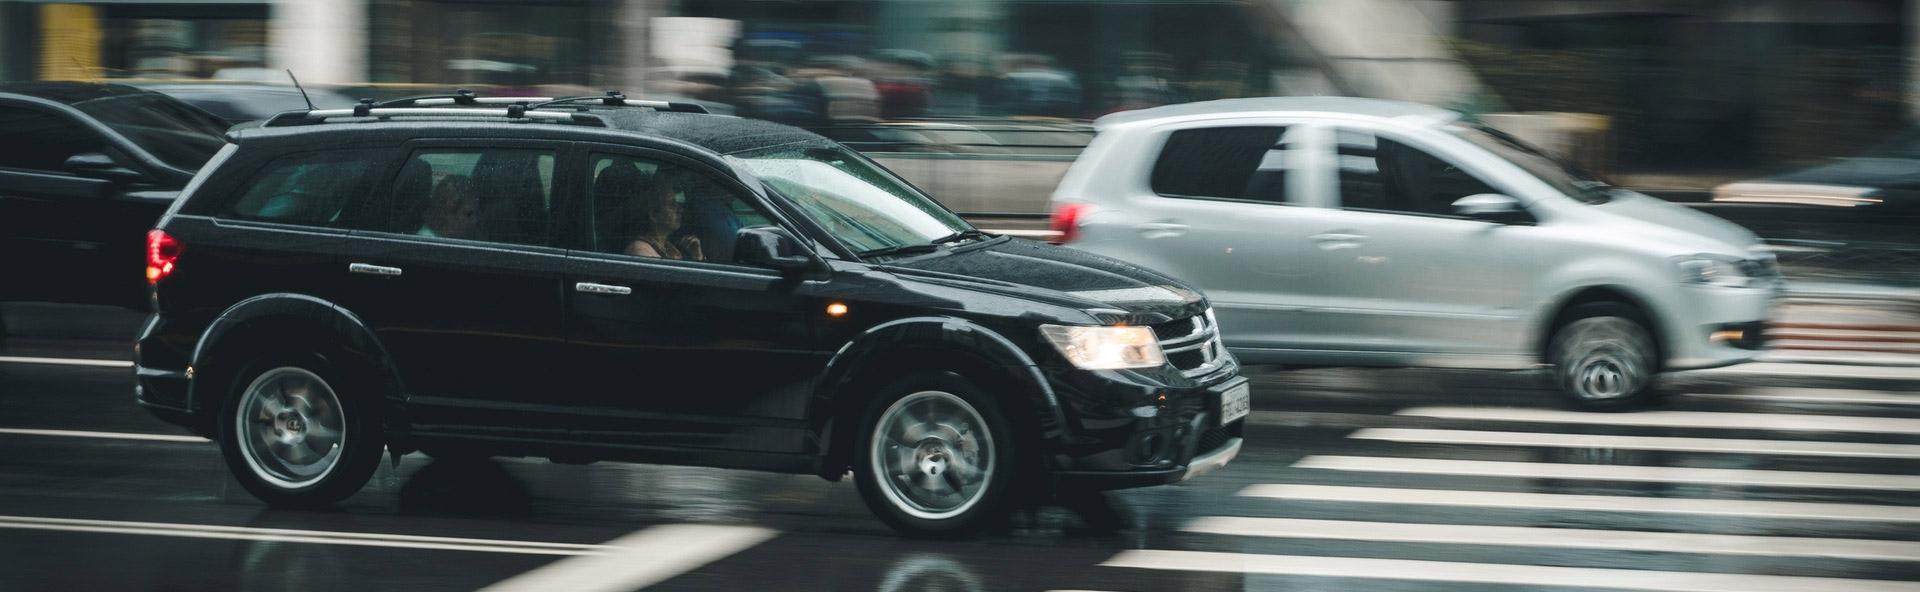 Entretien d'automobile et de camions